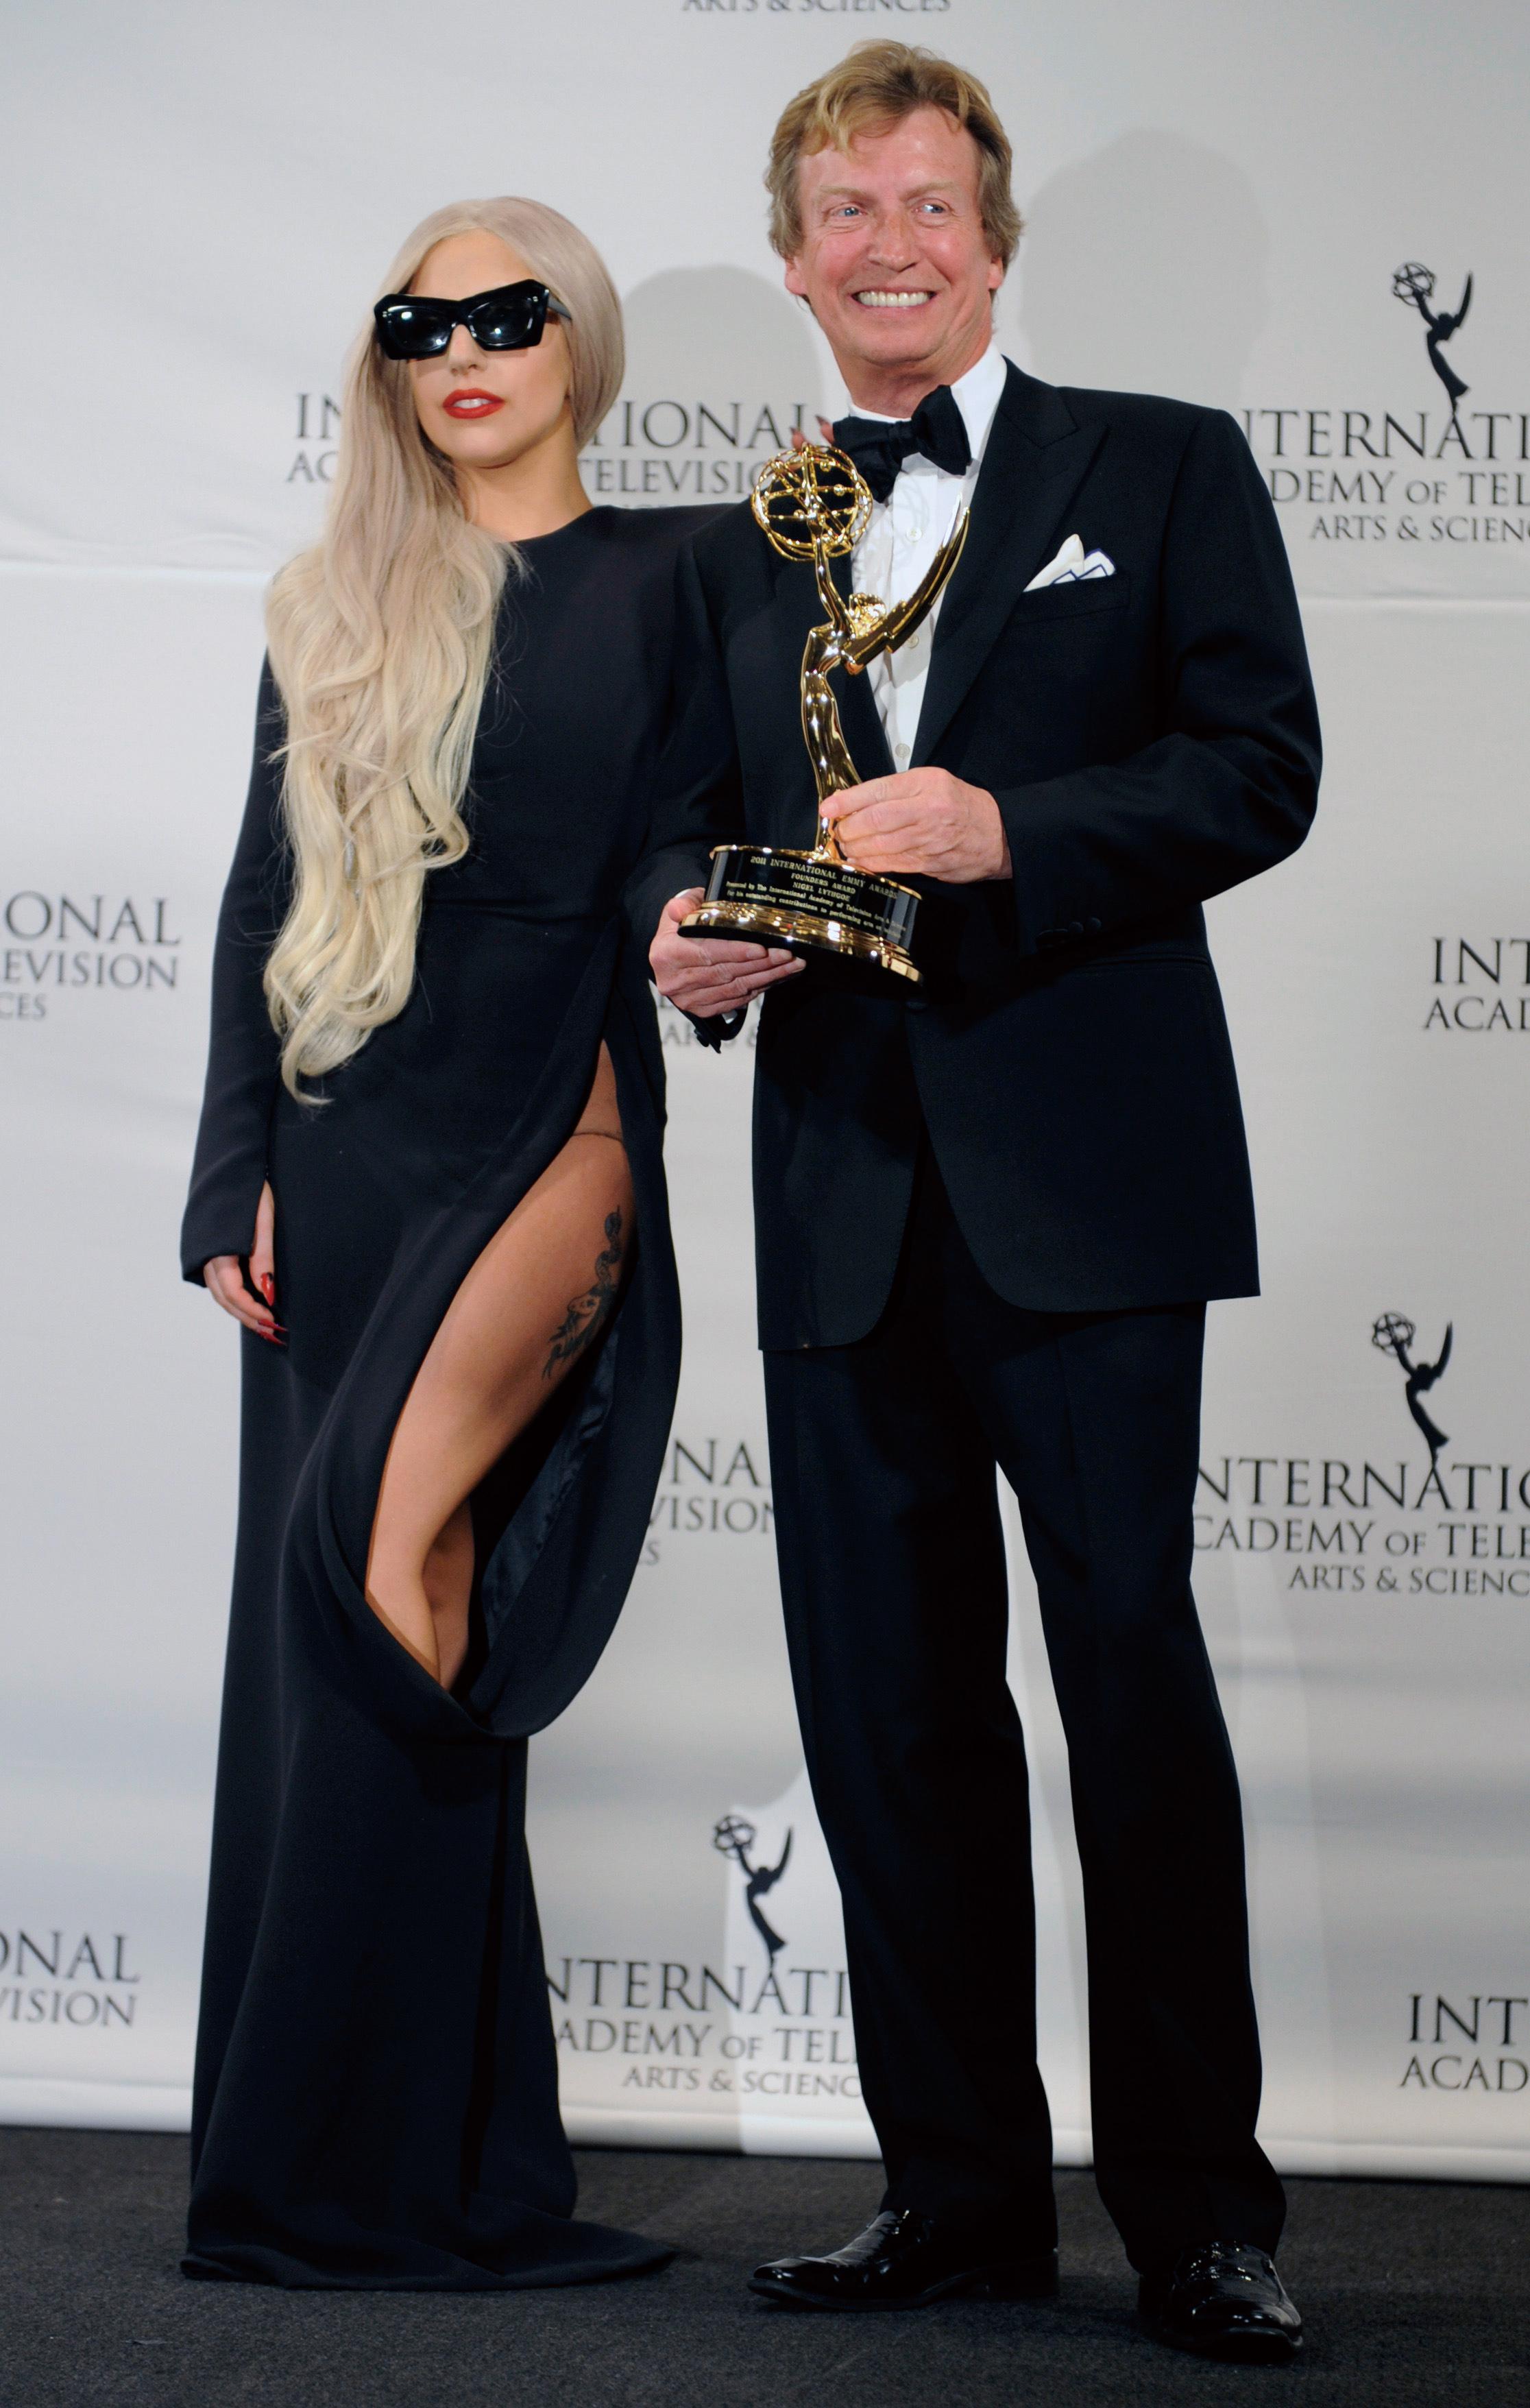 美國葛萊美入圍公布  Adele愛黛兒大贏家  Lady Gaga卡卡屍妝熱唱